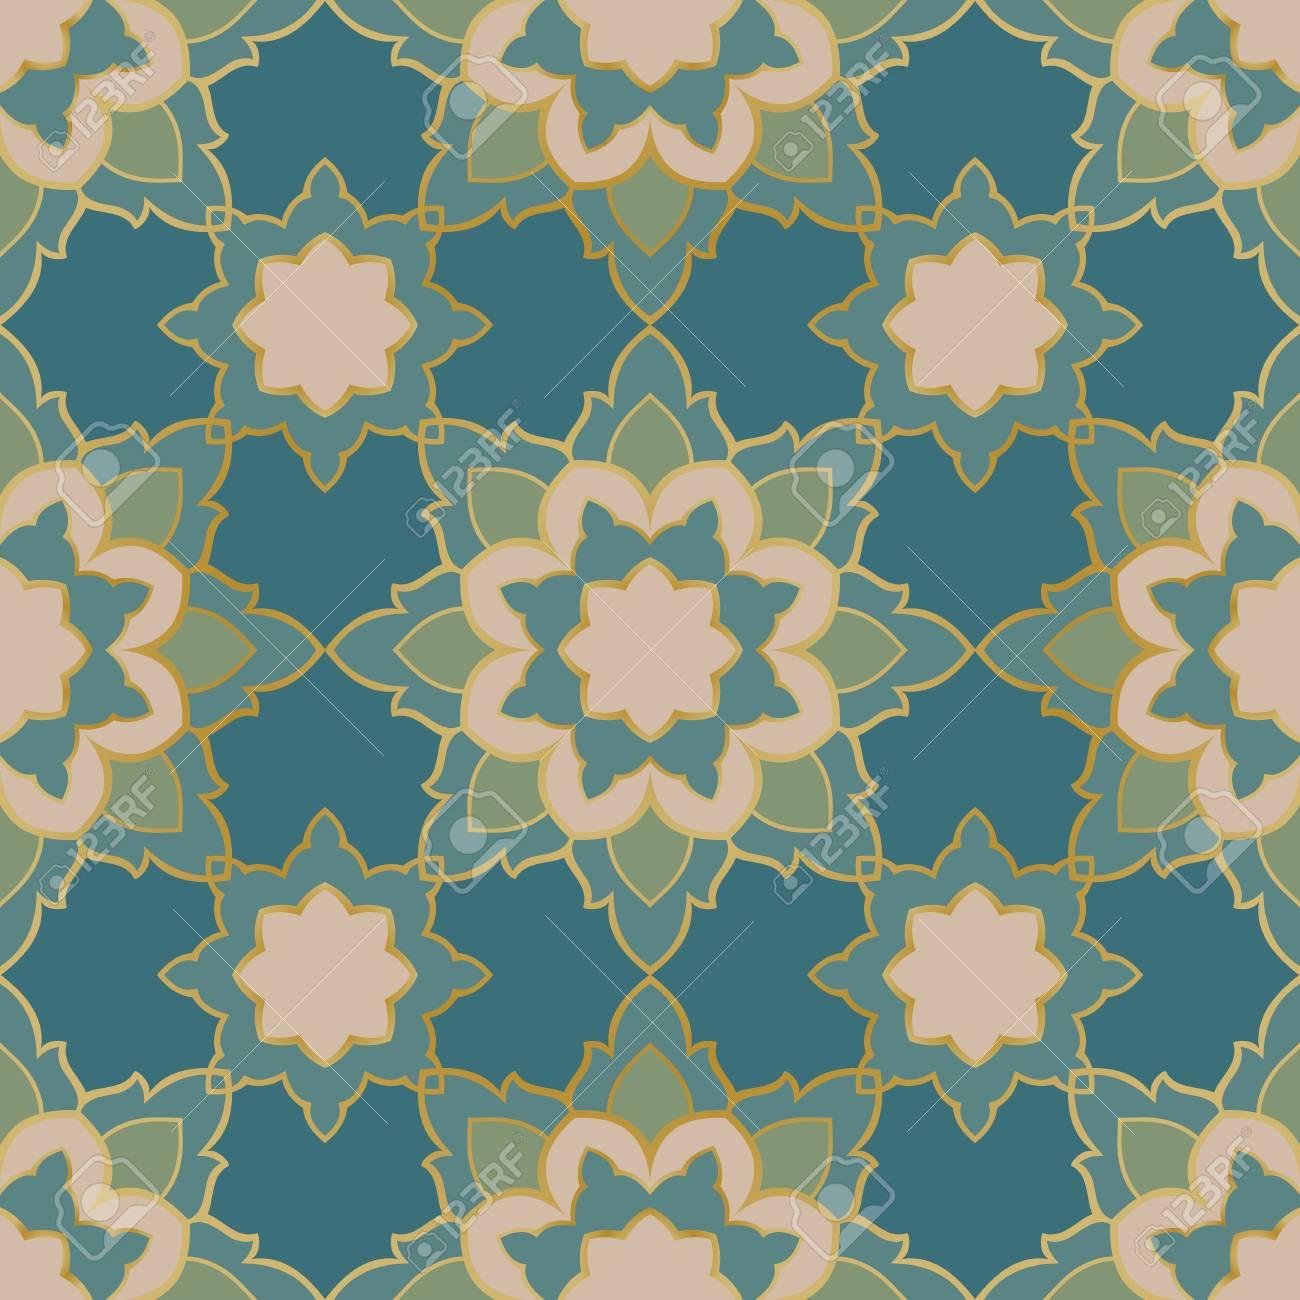 Modèle Sans Couture De Mandala Simple Sur Fond Bleu Ornement